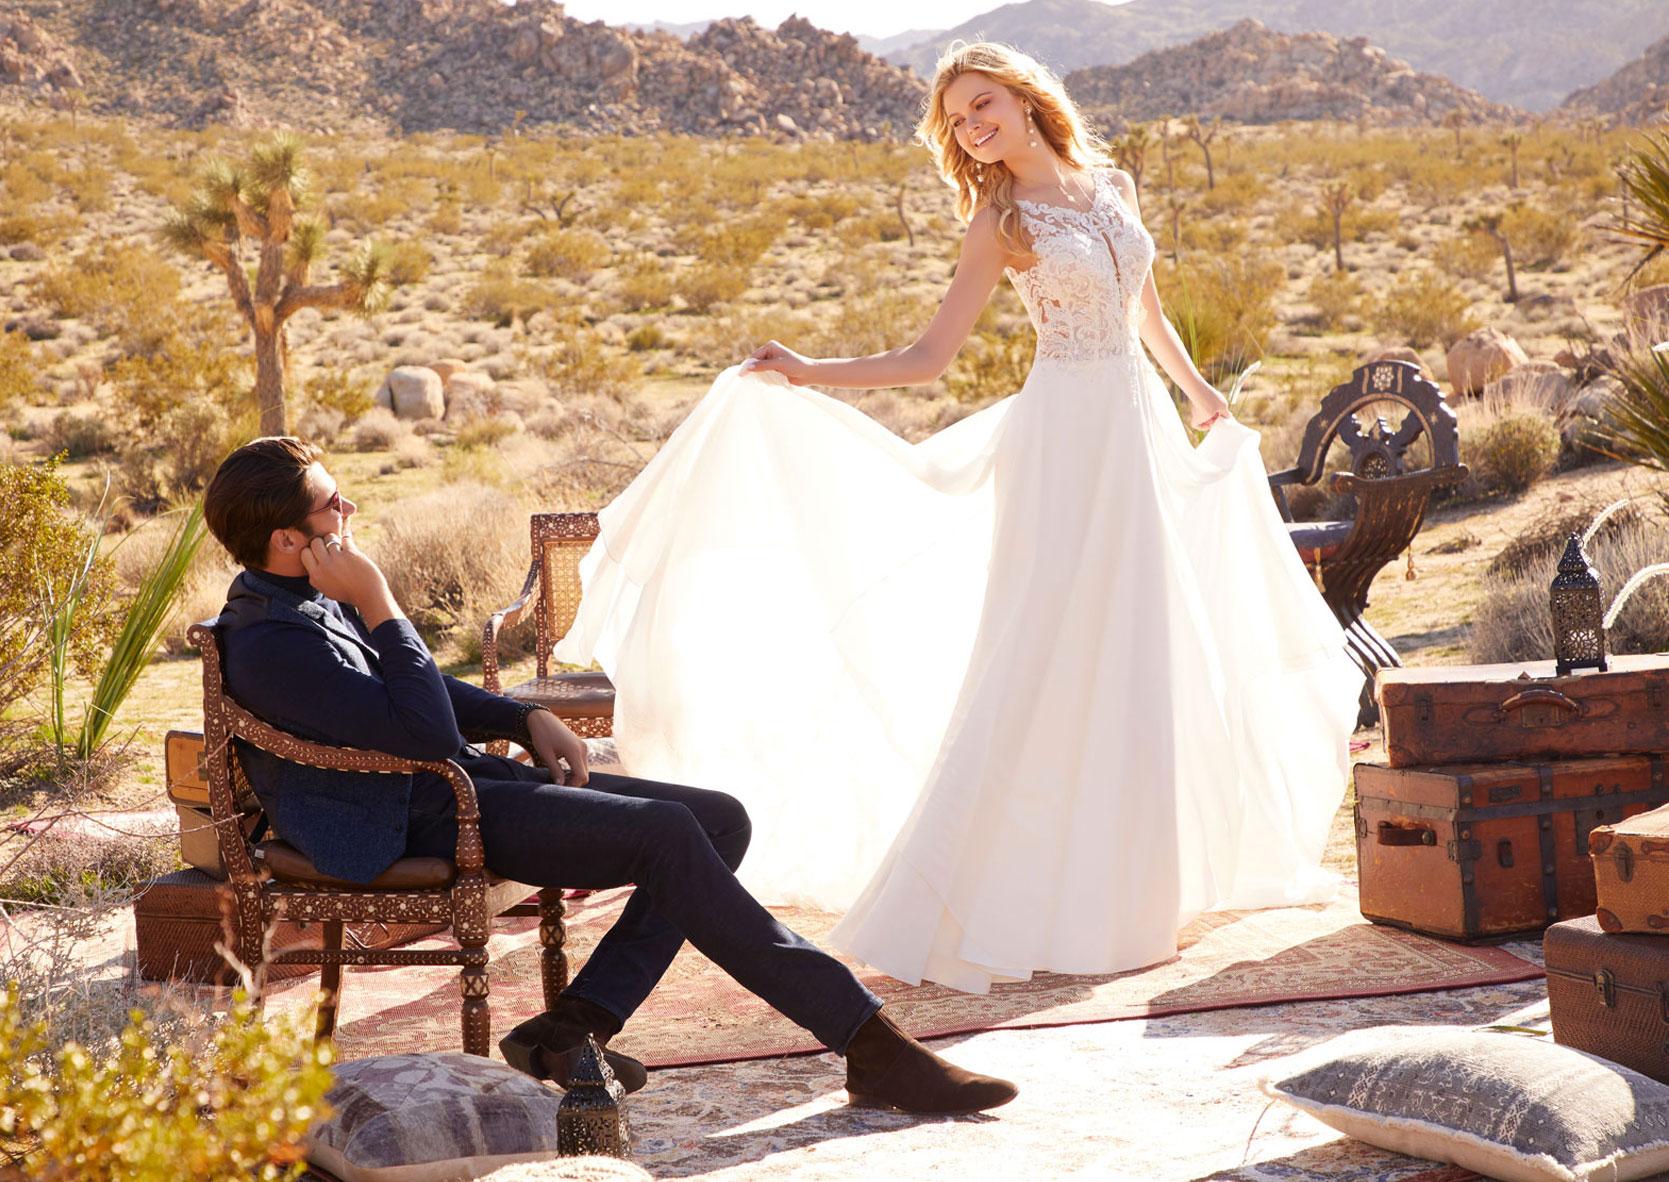 Umstands_Brautkleid-Umstands_Hochzeitskleid